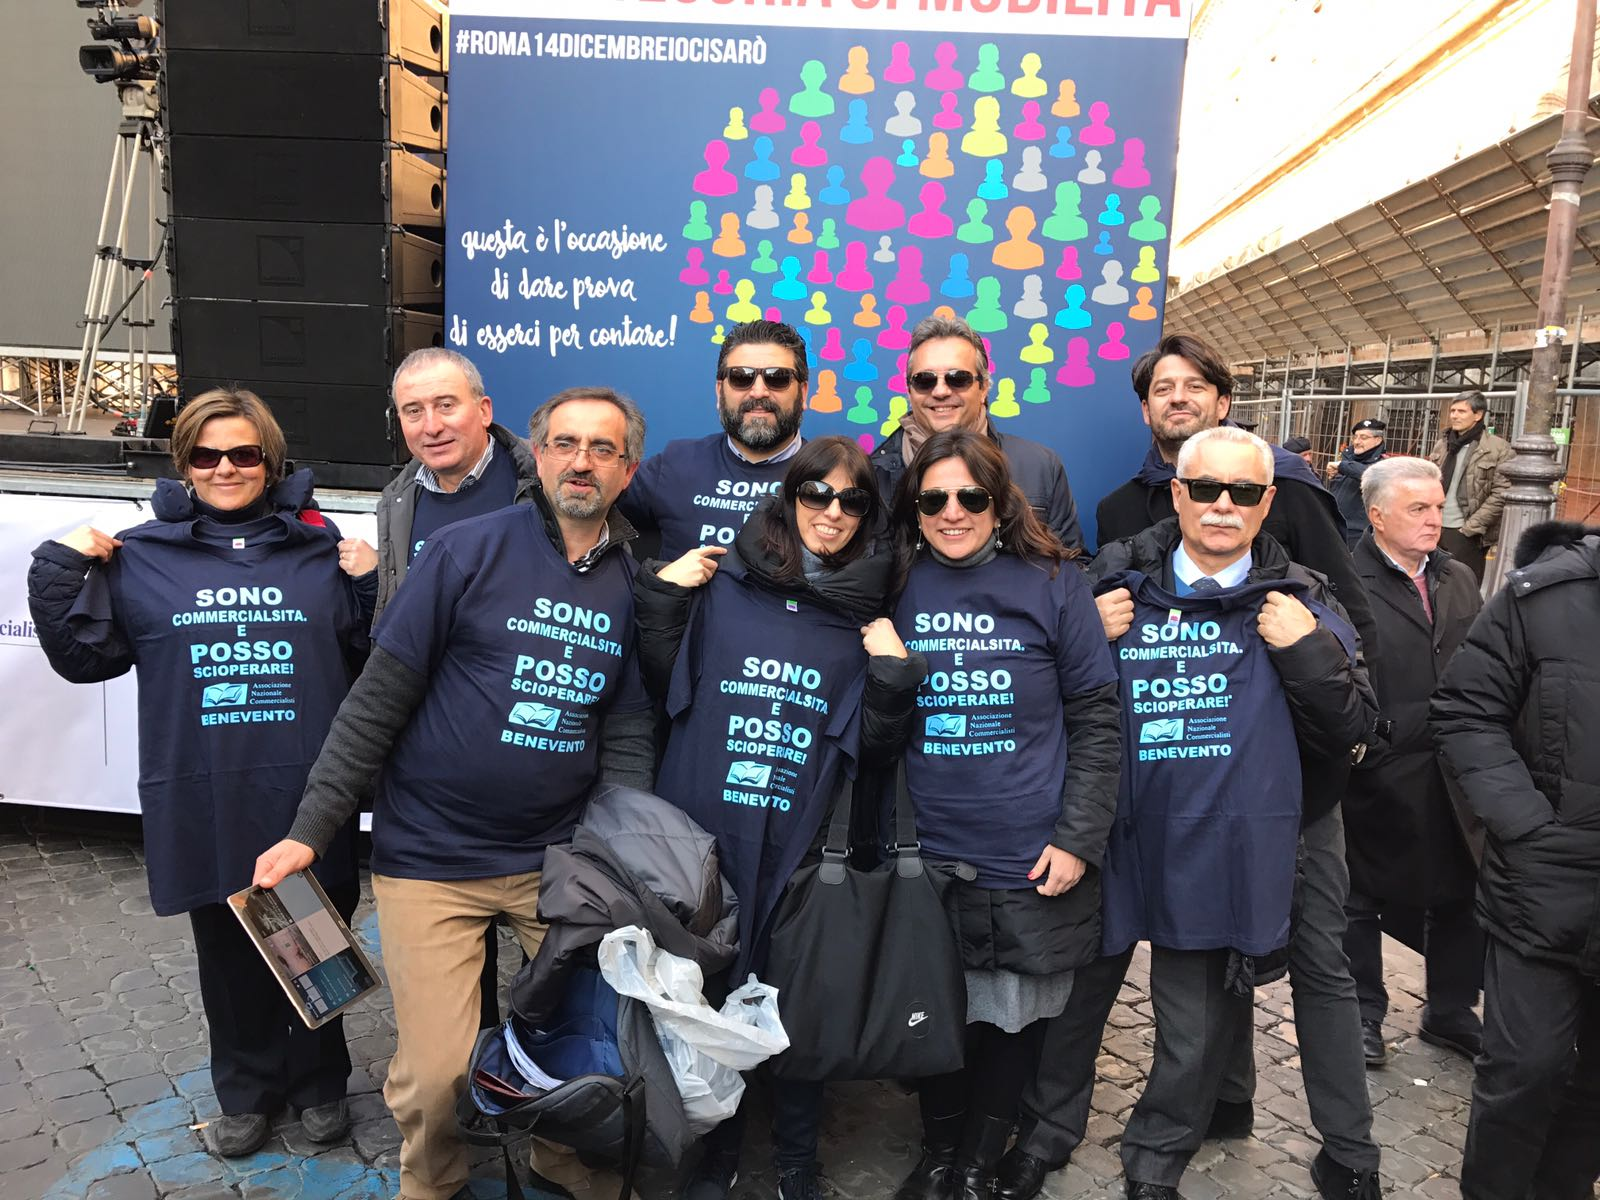 Benevento| Protesta commercialisti: «Pronti allo sciopero»